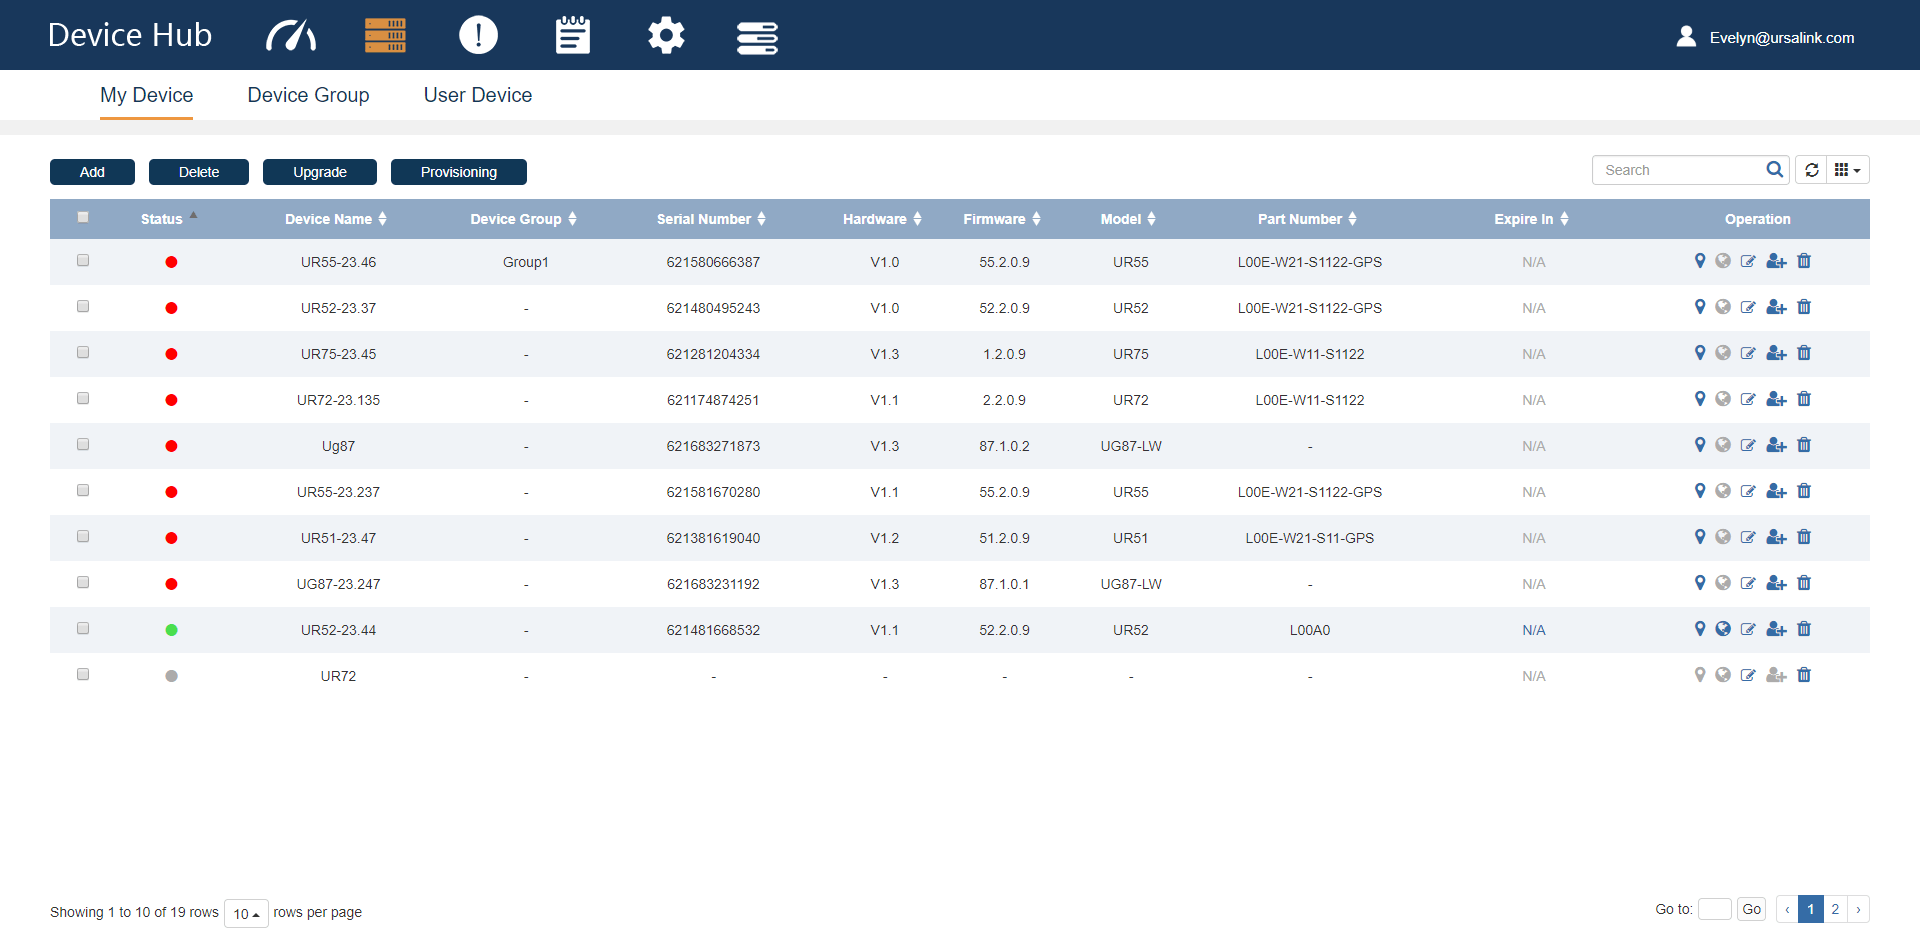 星纵-DeviceHub